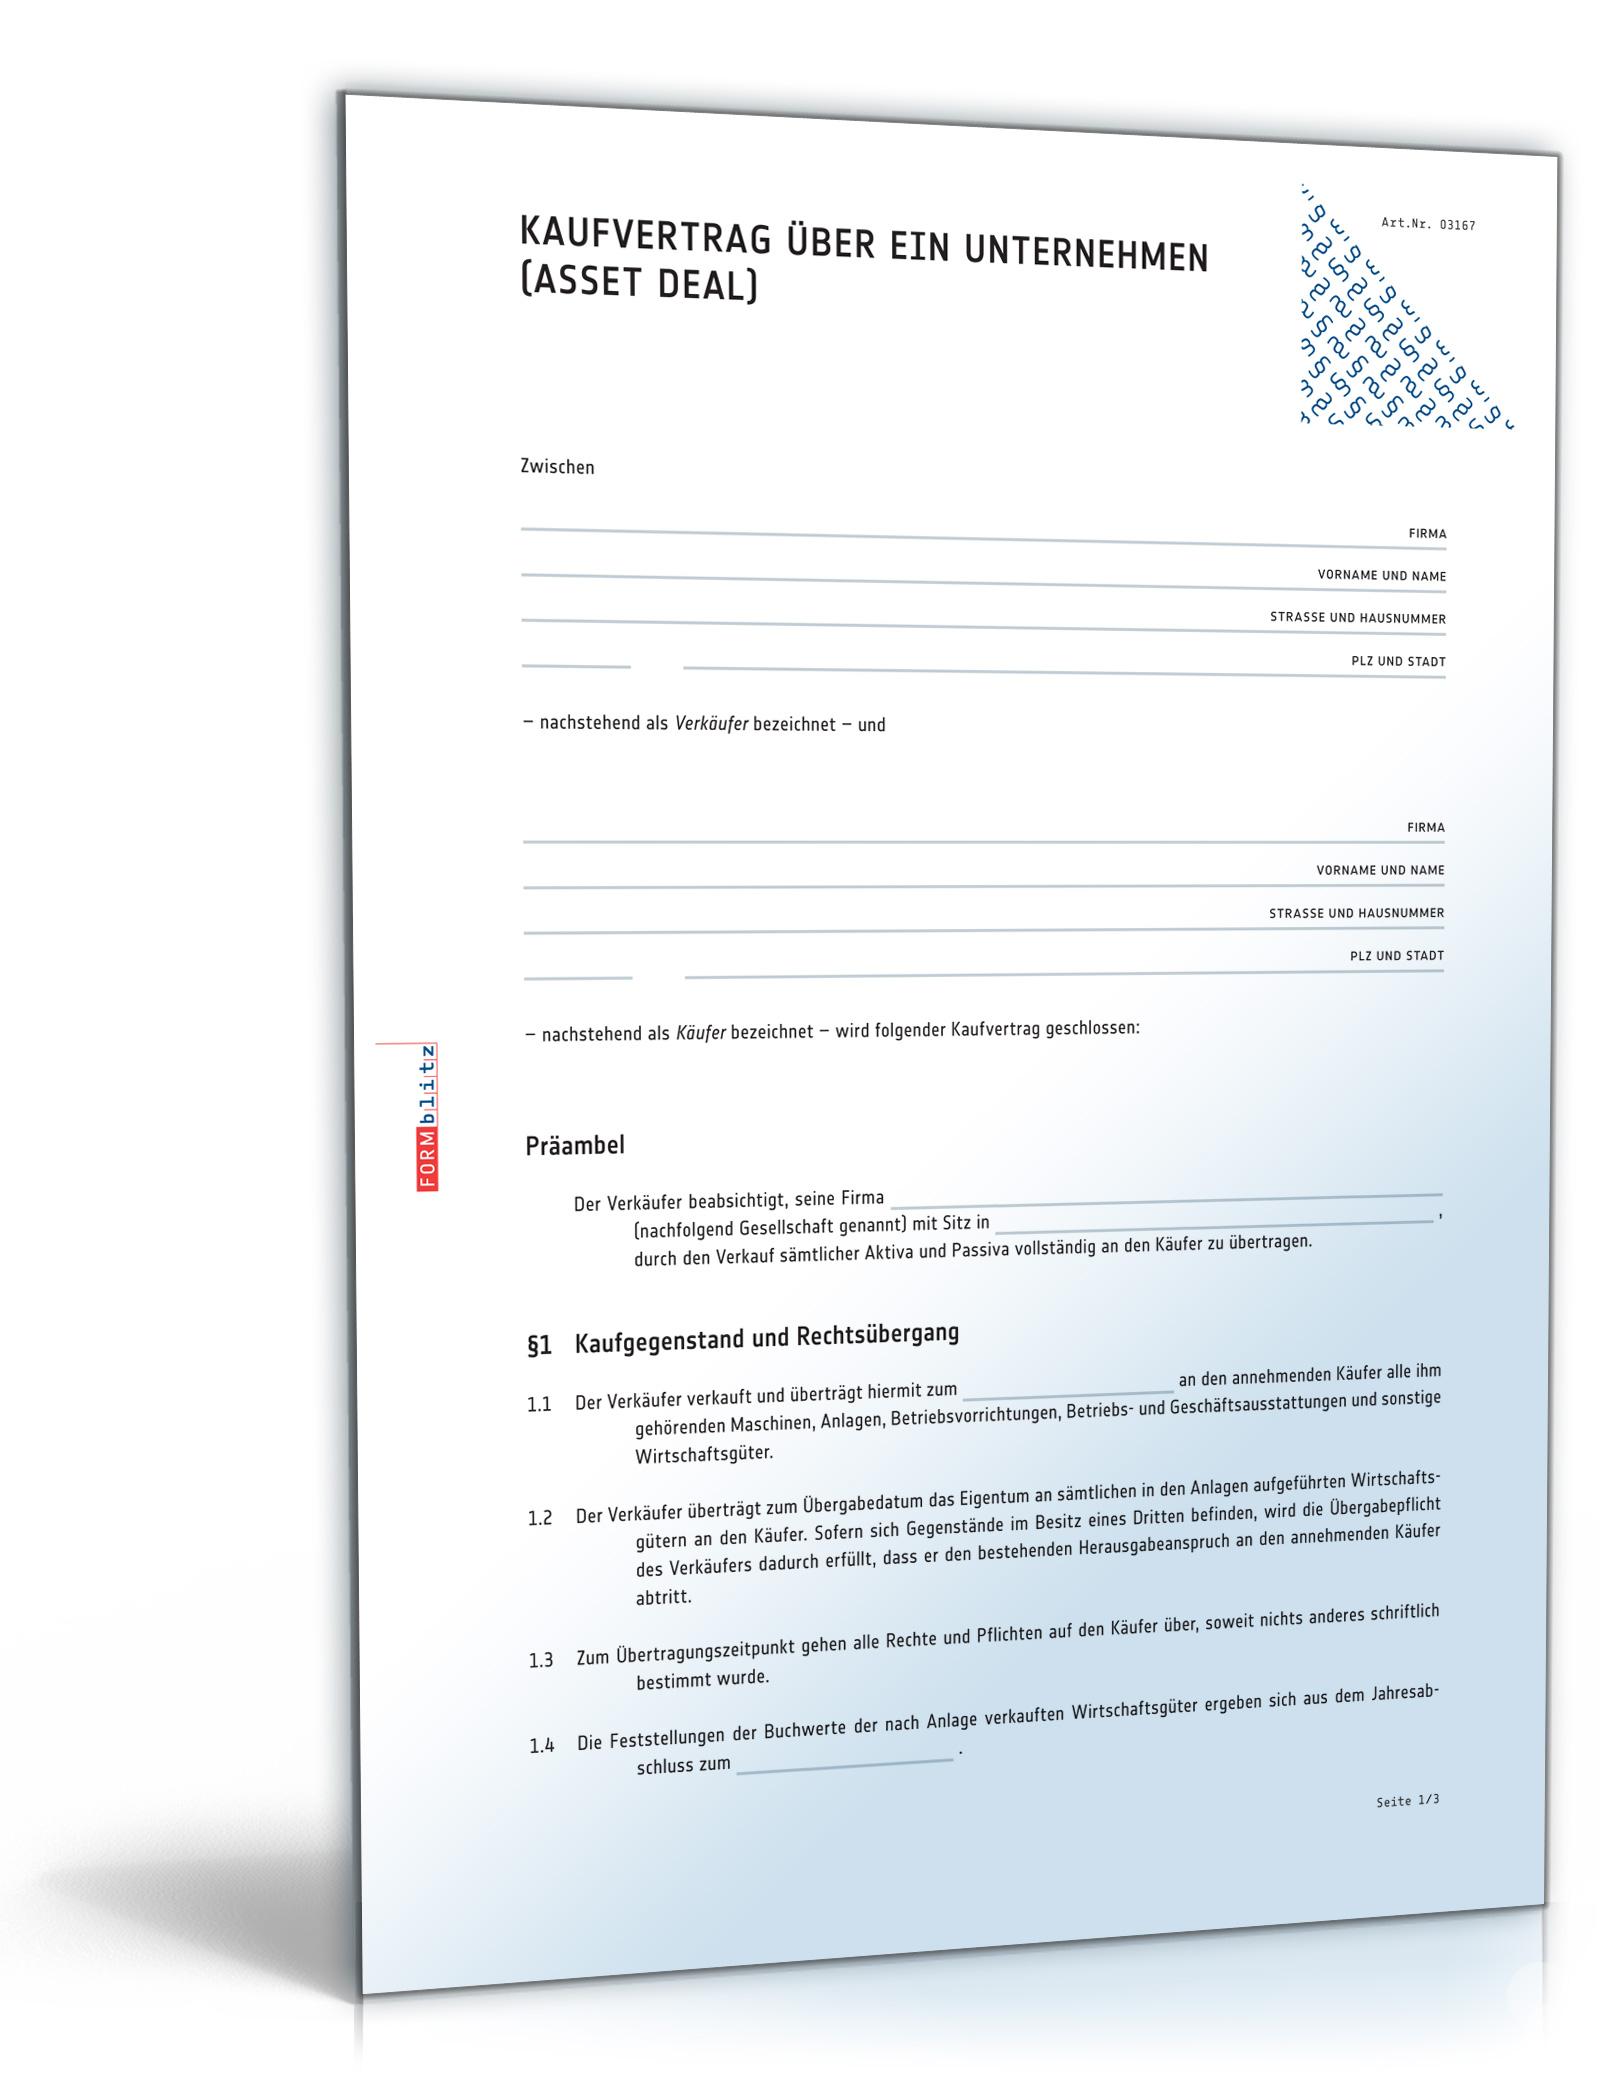 Kaufvertrag über ein Unternehmen (Asset Deal)